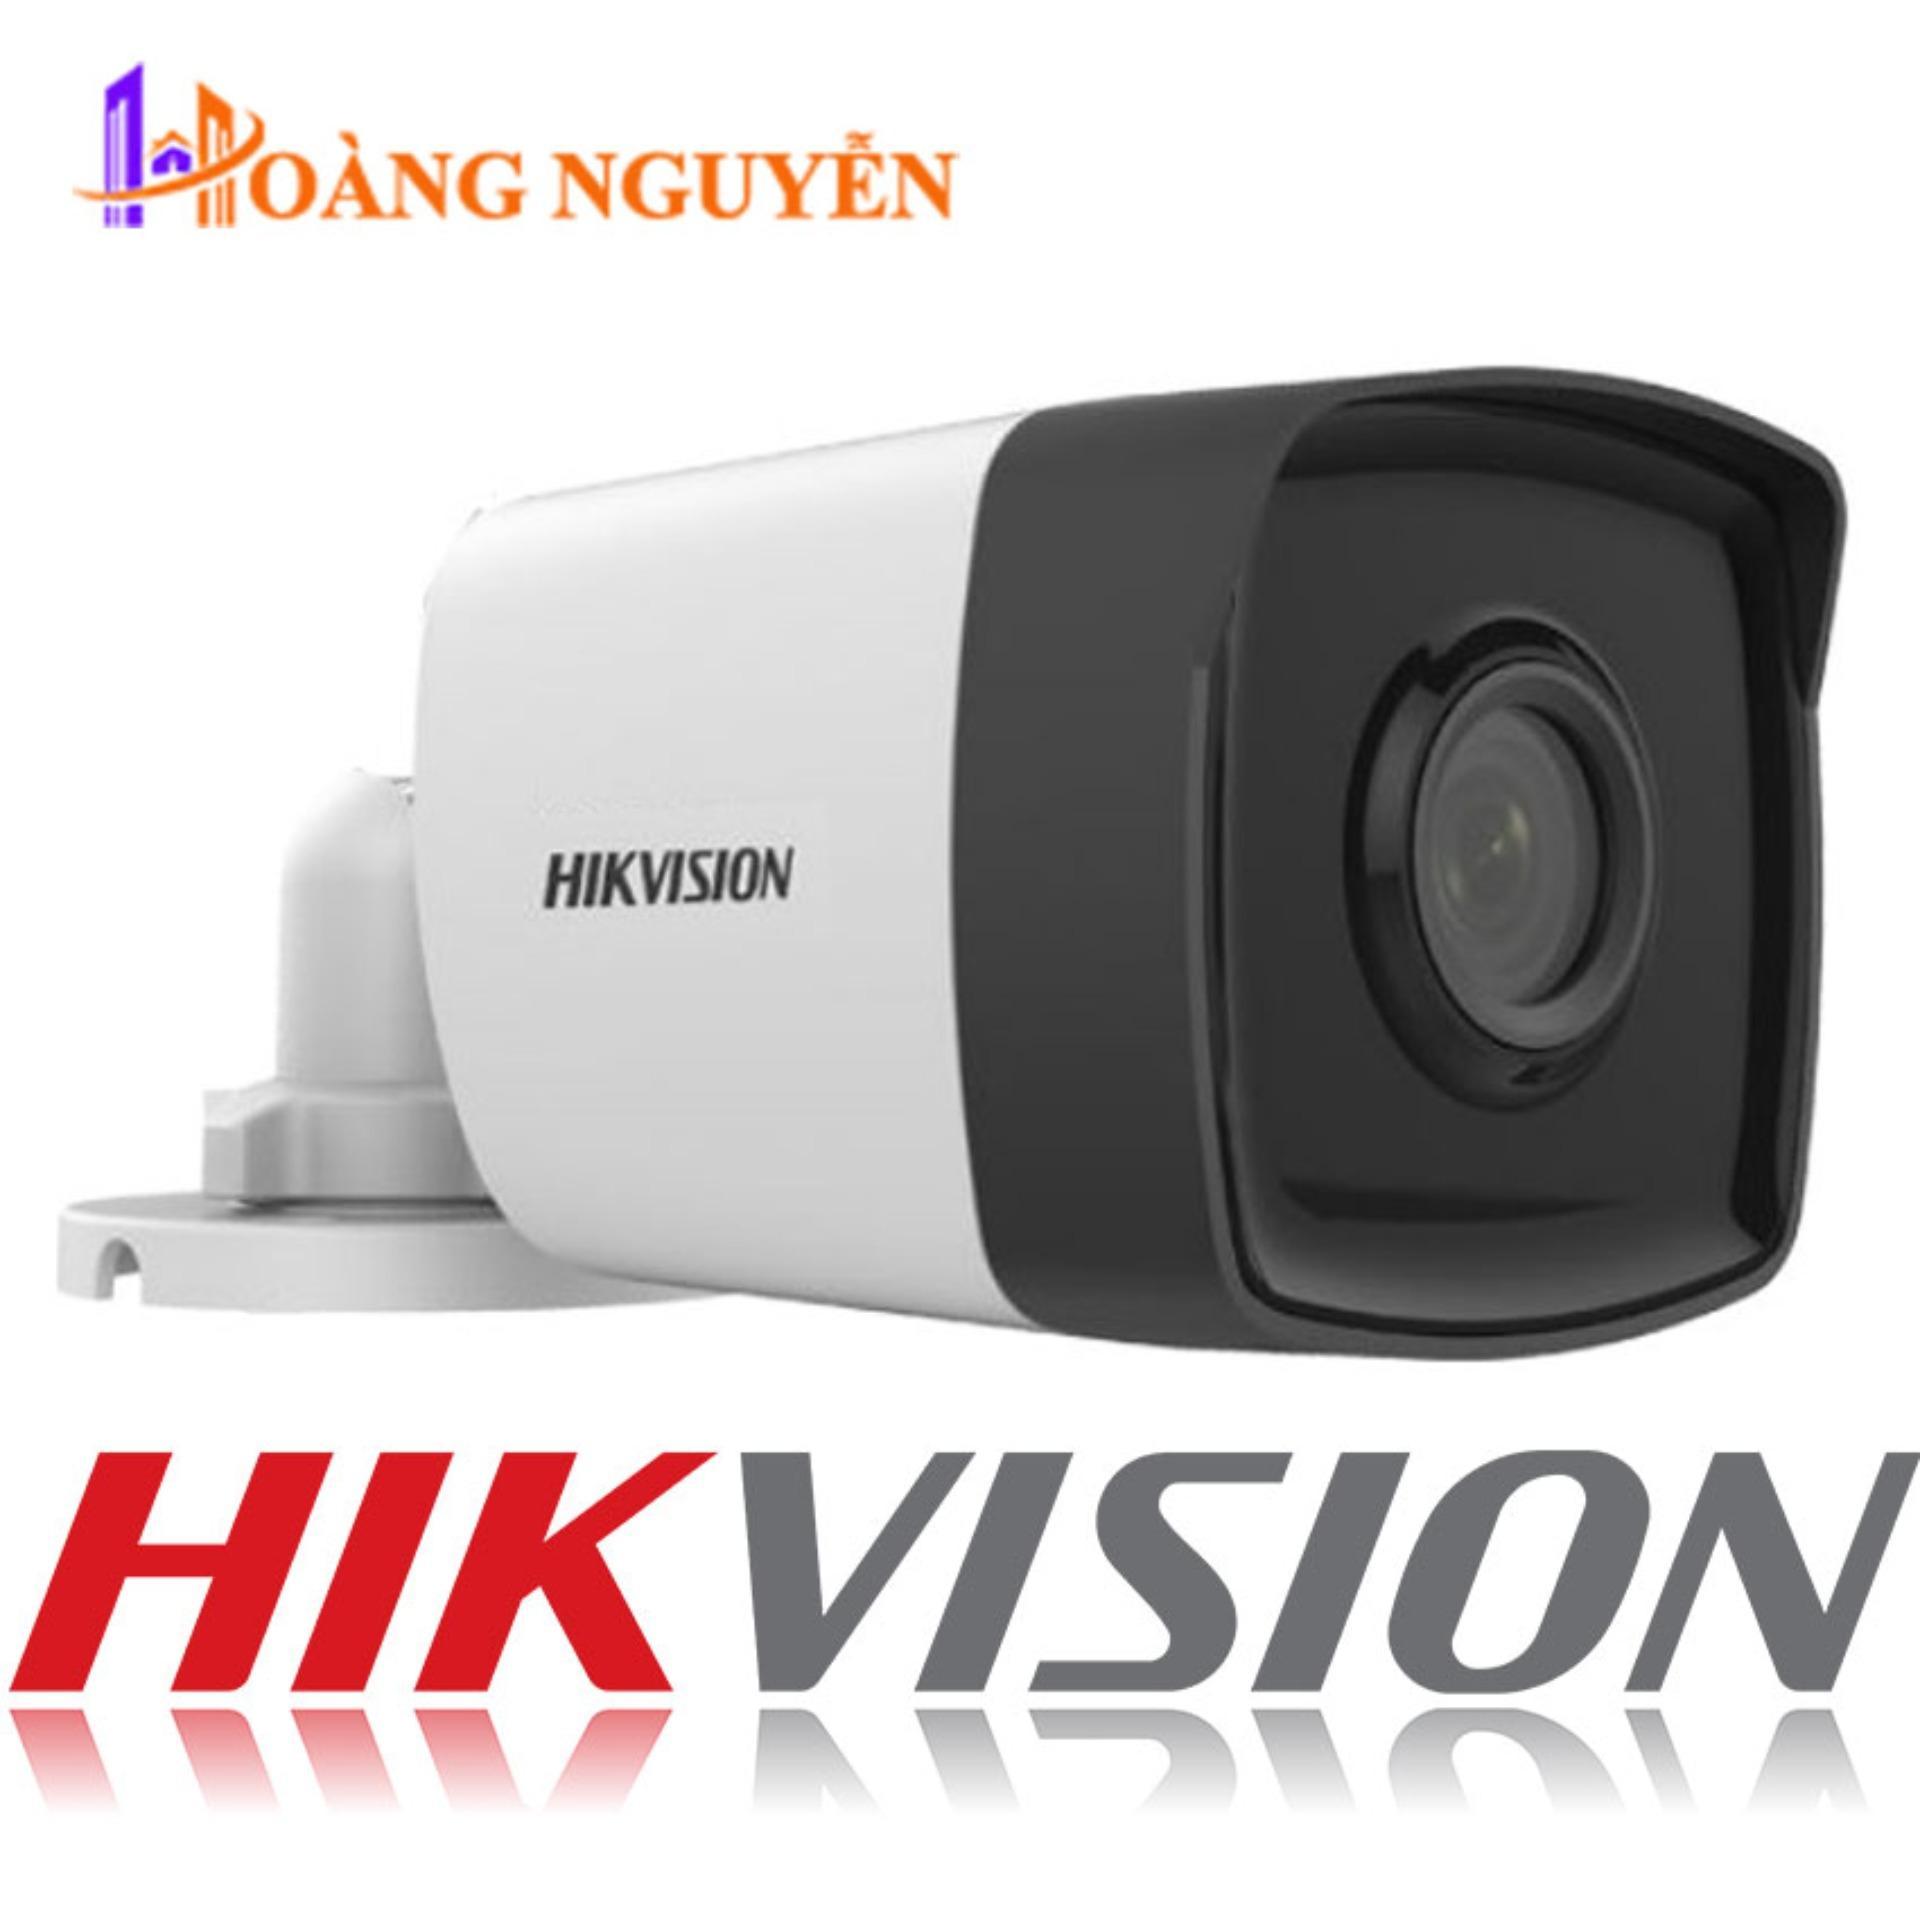 [BẢO HÀNH 24 THÁNG] Camera HIKVISION DS-2CE16D0T-IT3 2.0Mp – Camera giám sát an ninh – Công Nghệ Hoàng Nguyễn